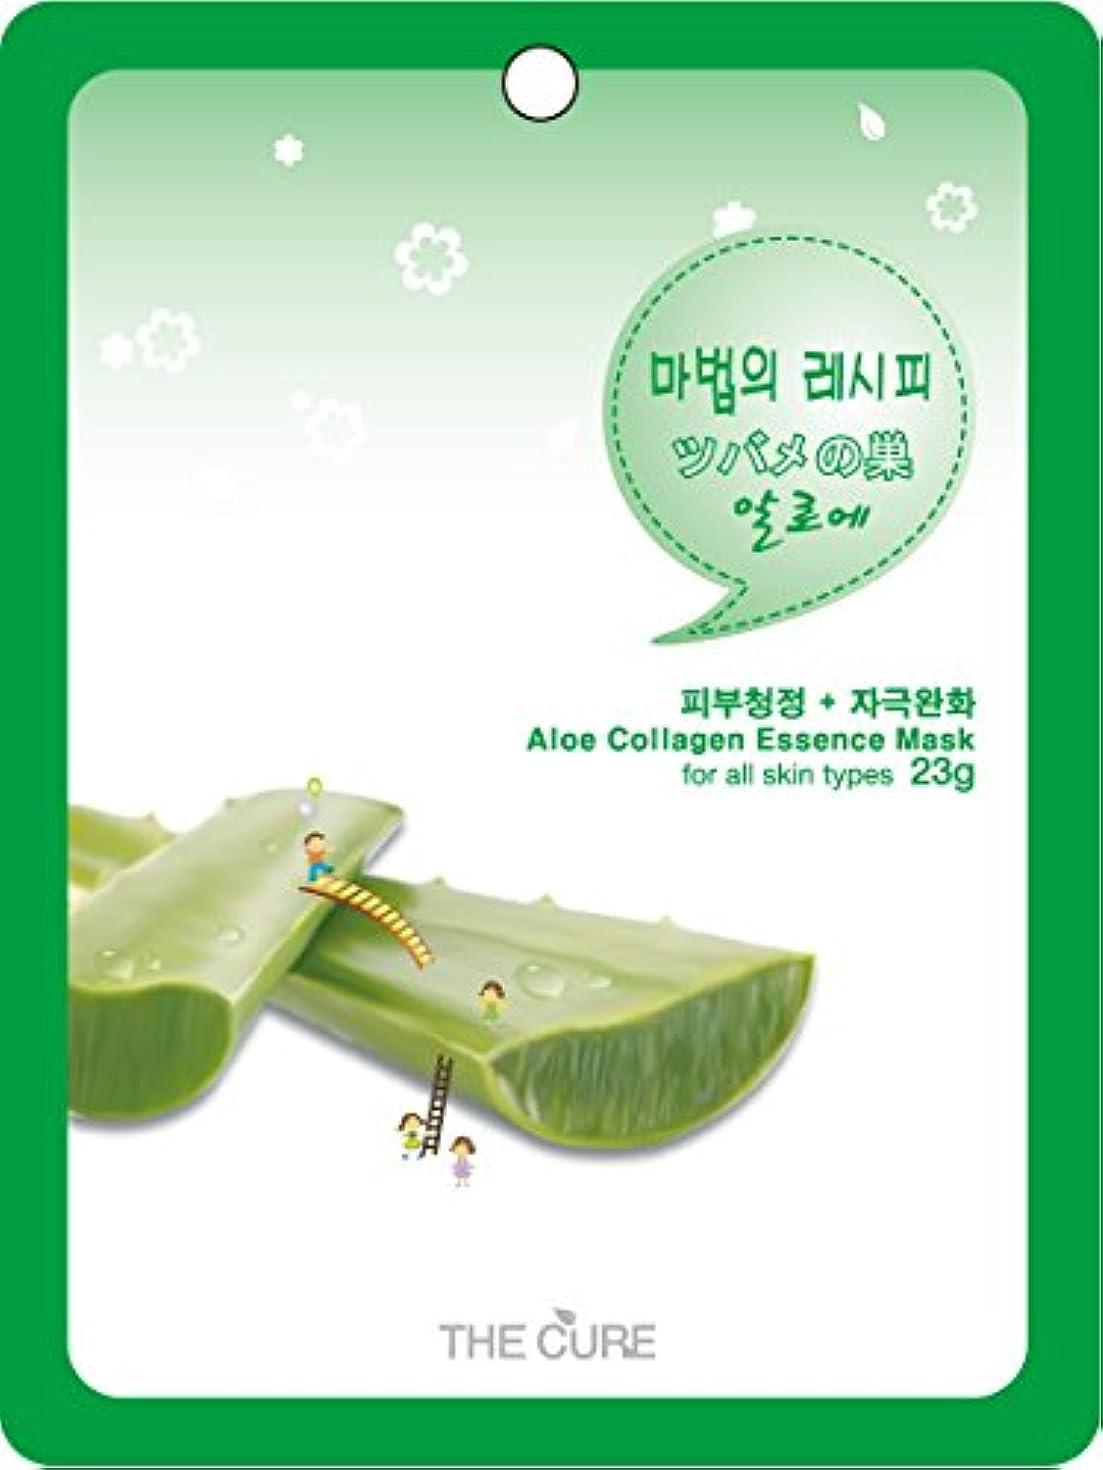 宇宙の政治取るに足らないアロエ コラーゲン エッセンス マスク THE CURE シート パック 100枚セット 韓国 コスメ 乾燥肌 オイリー肌 混合肌